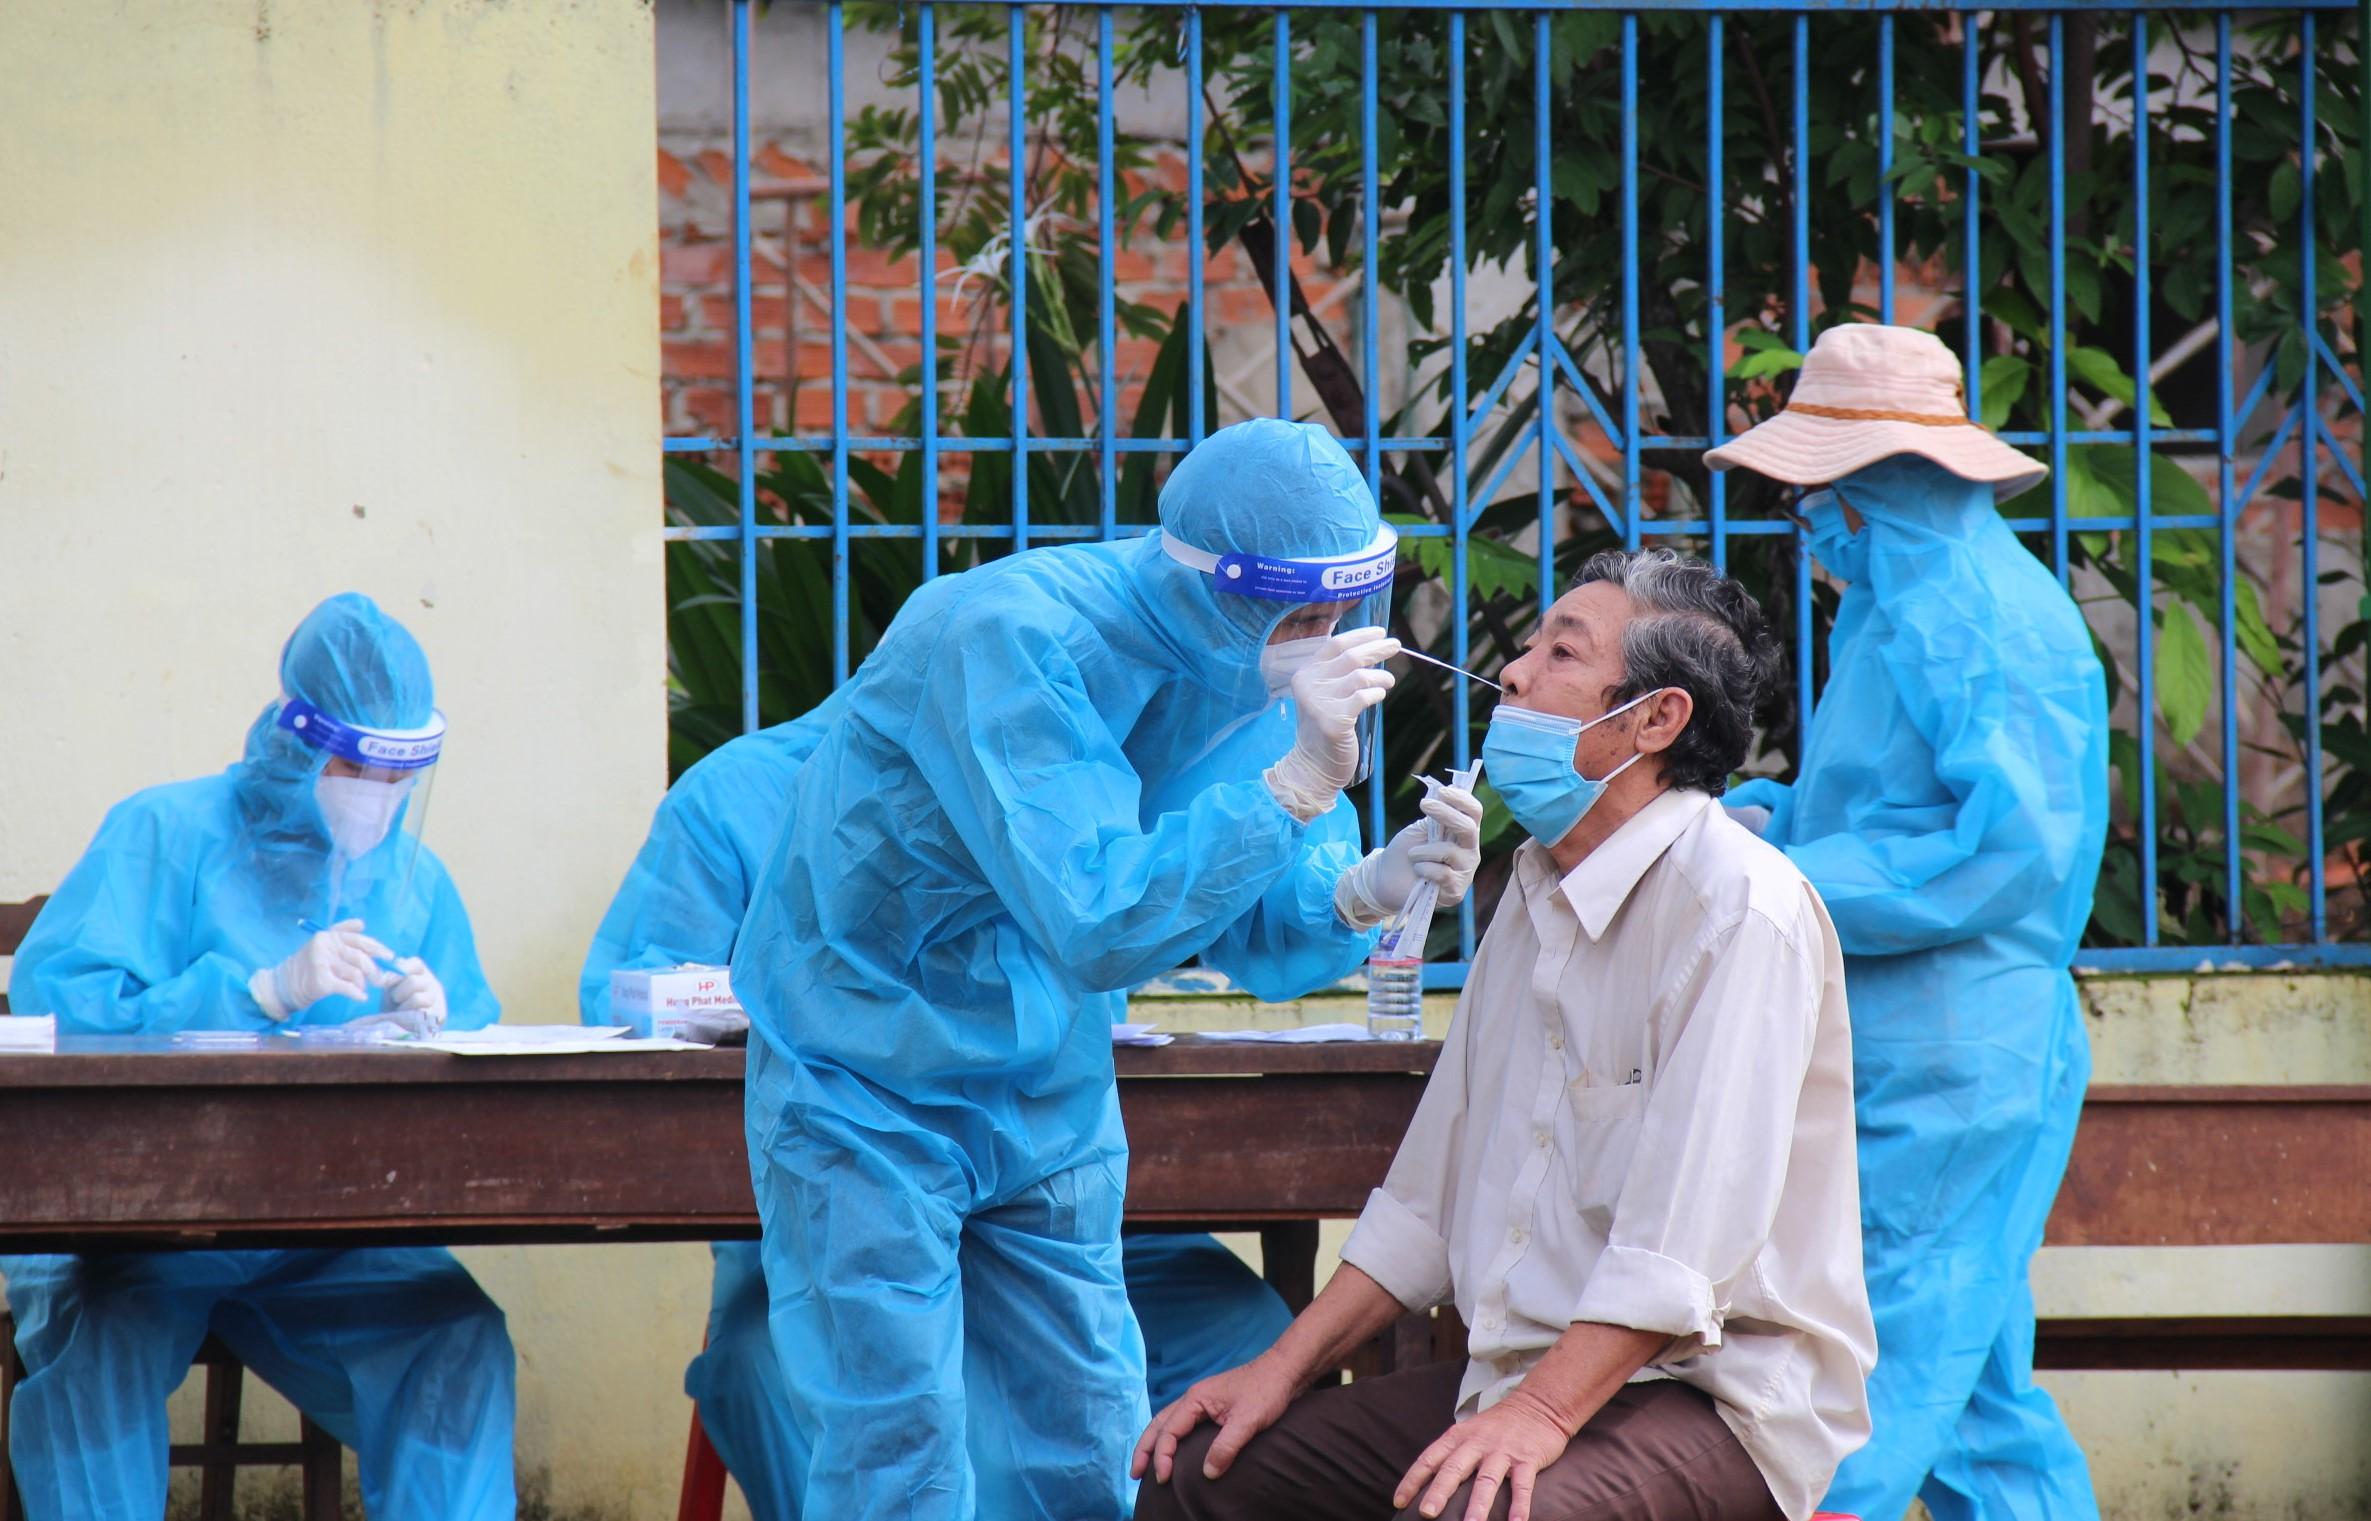 Đắk Lắk ghi nhận 37 trường hợp dương tính với SARS-CoV-2 trong ngày 31/8